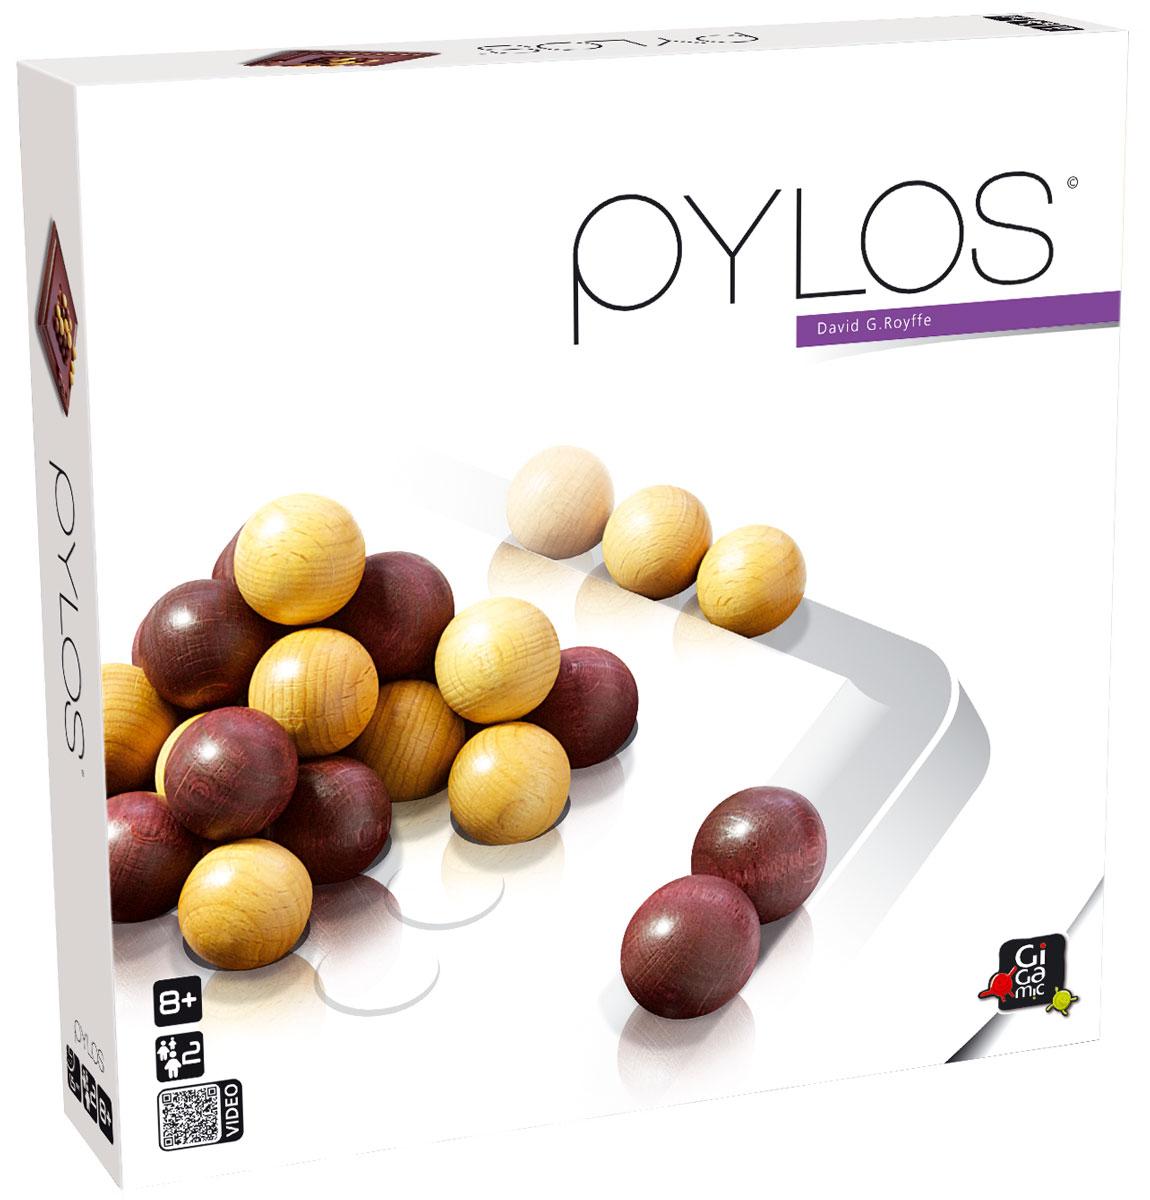 Настольная игра ПилосР61763Настольная игра Пилос (Pylos) - это прекрасный способ времяпрепровождения, такое развлечение придется по душе, как взрослым, так и детям. Игроки строят пирамиду из шариков, стремясь положить на вершину шарик своего цвета. Как же выиграть, если у игроков изначально одинаковое количество шариков? Весь фокус в нескольких способах «экономии» шариков - главное увидеть такую возможность, осуществить свой маневр и не попасться в ловушку соперника. Простые правила, необычные игровые элементы и интересный игровой механизм - это проверенная формула отличной настольной игры! В комплект игры входят: игровое поле с 16 ячейками, 30 шариков, мешочек для хранения и правила игры на русском языке. Количество: 2 игрока. Время игры: 15 минут.